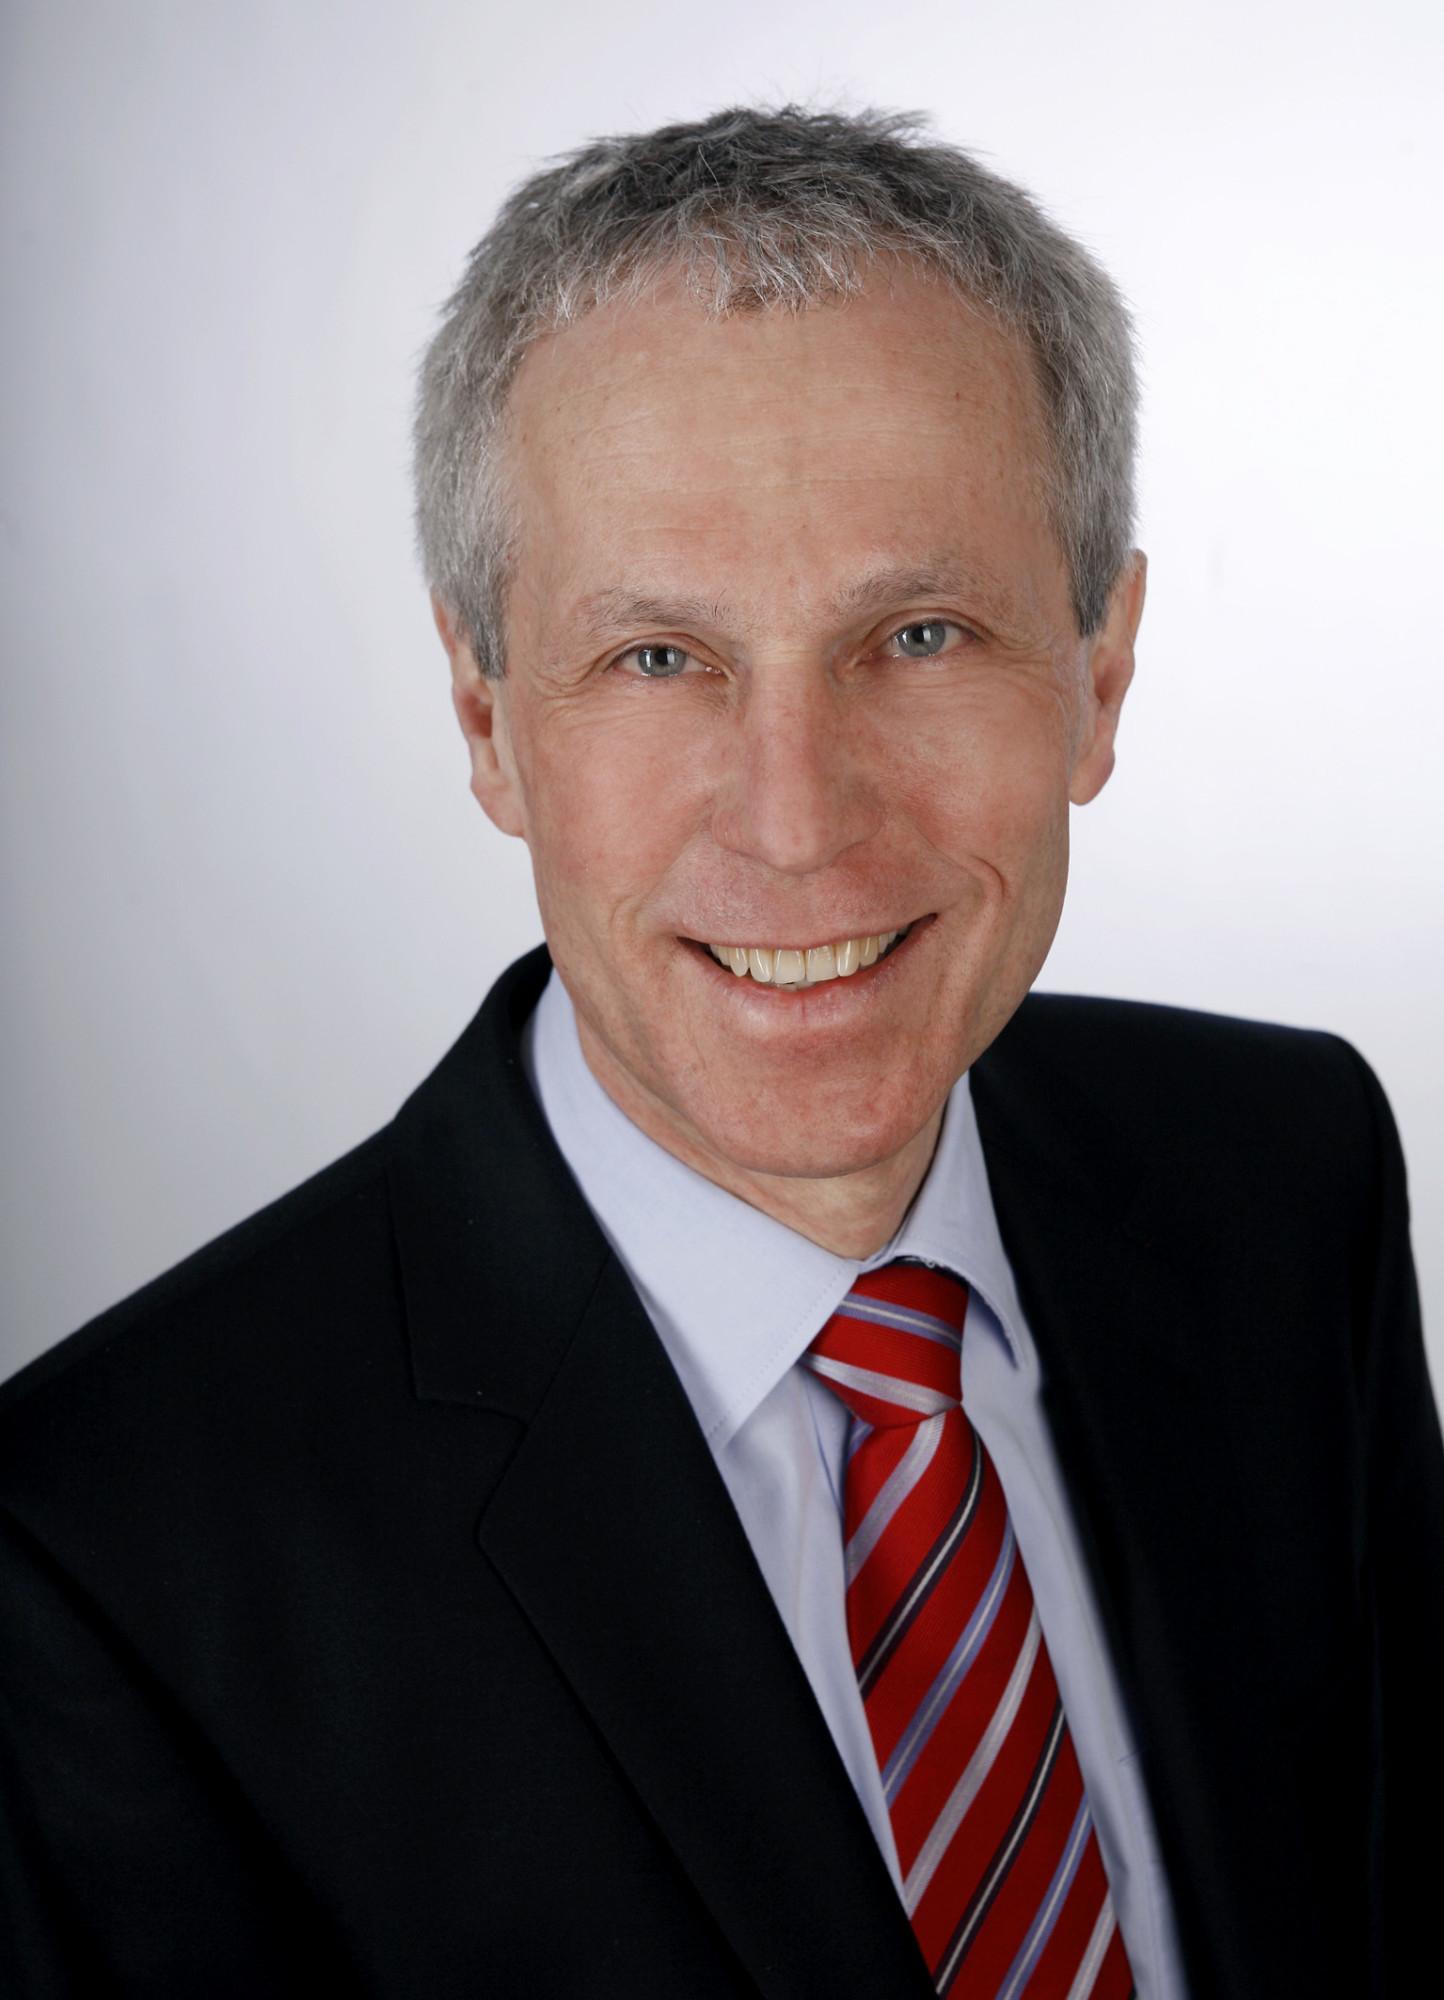 Dr. Weiler